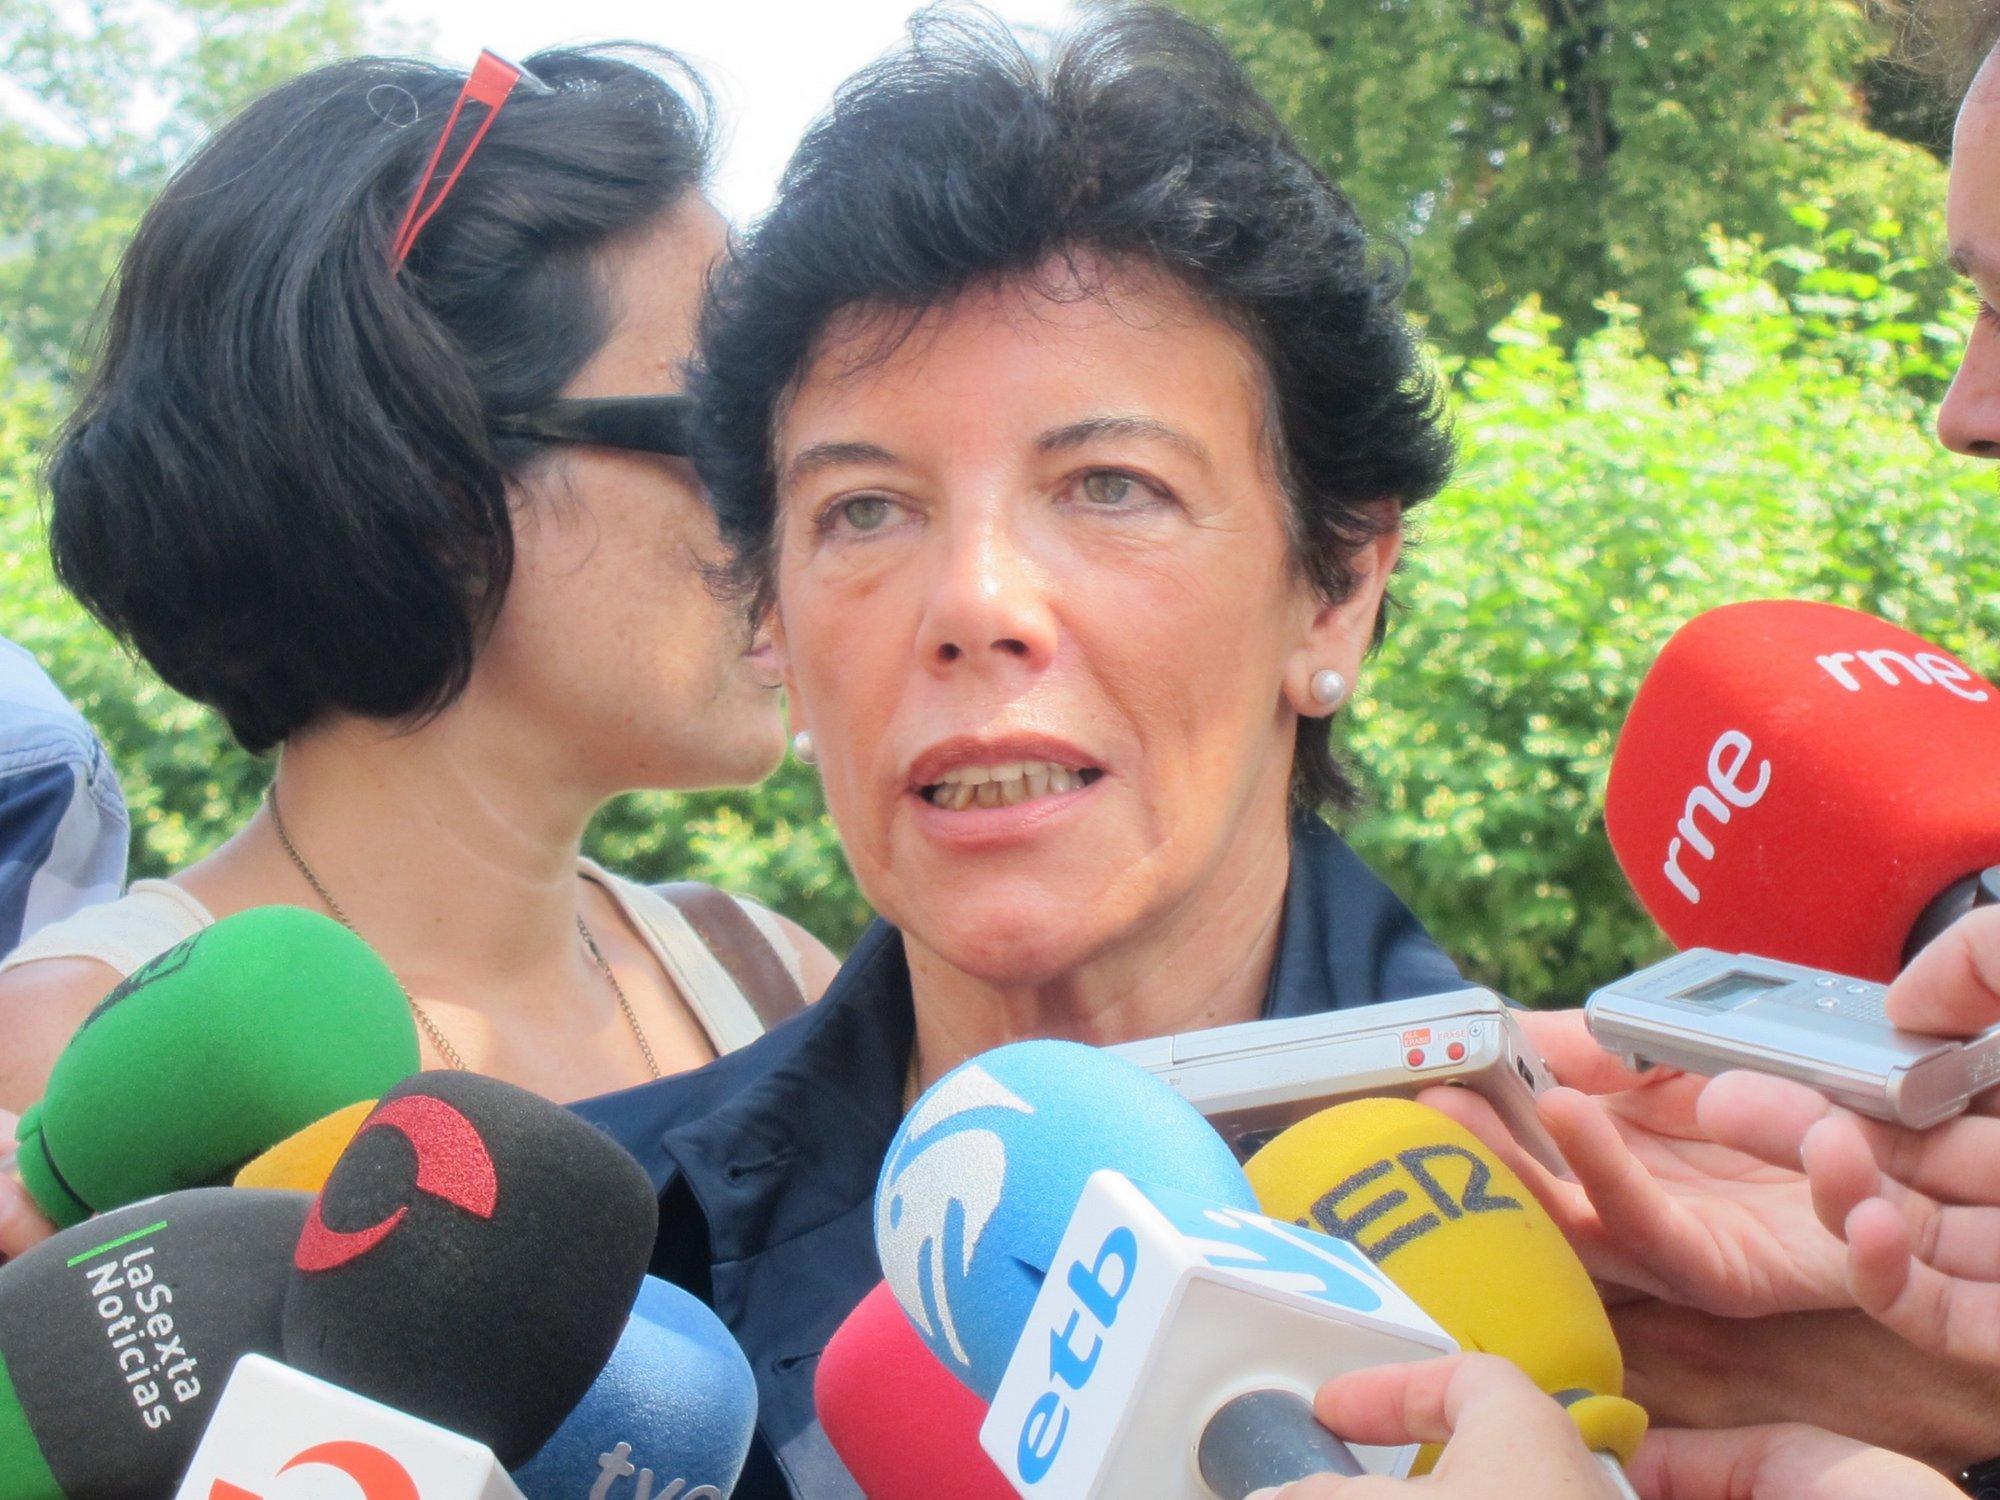 País Vasco seguirá con el programa »Eskola 2.0» pese a la supresión estatal